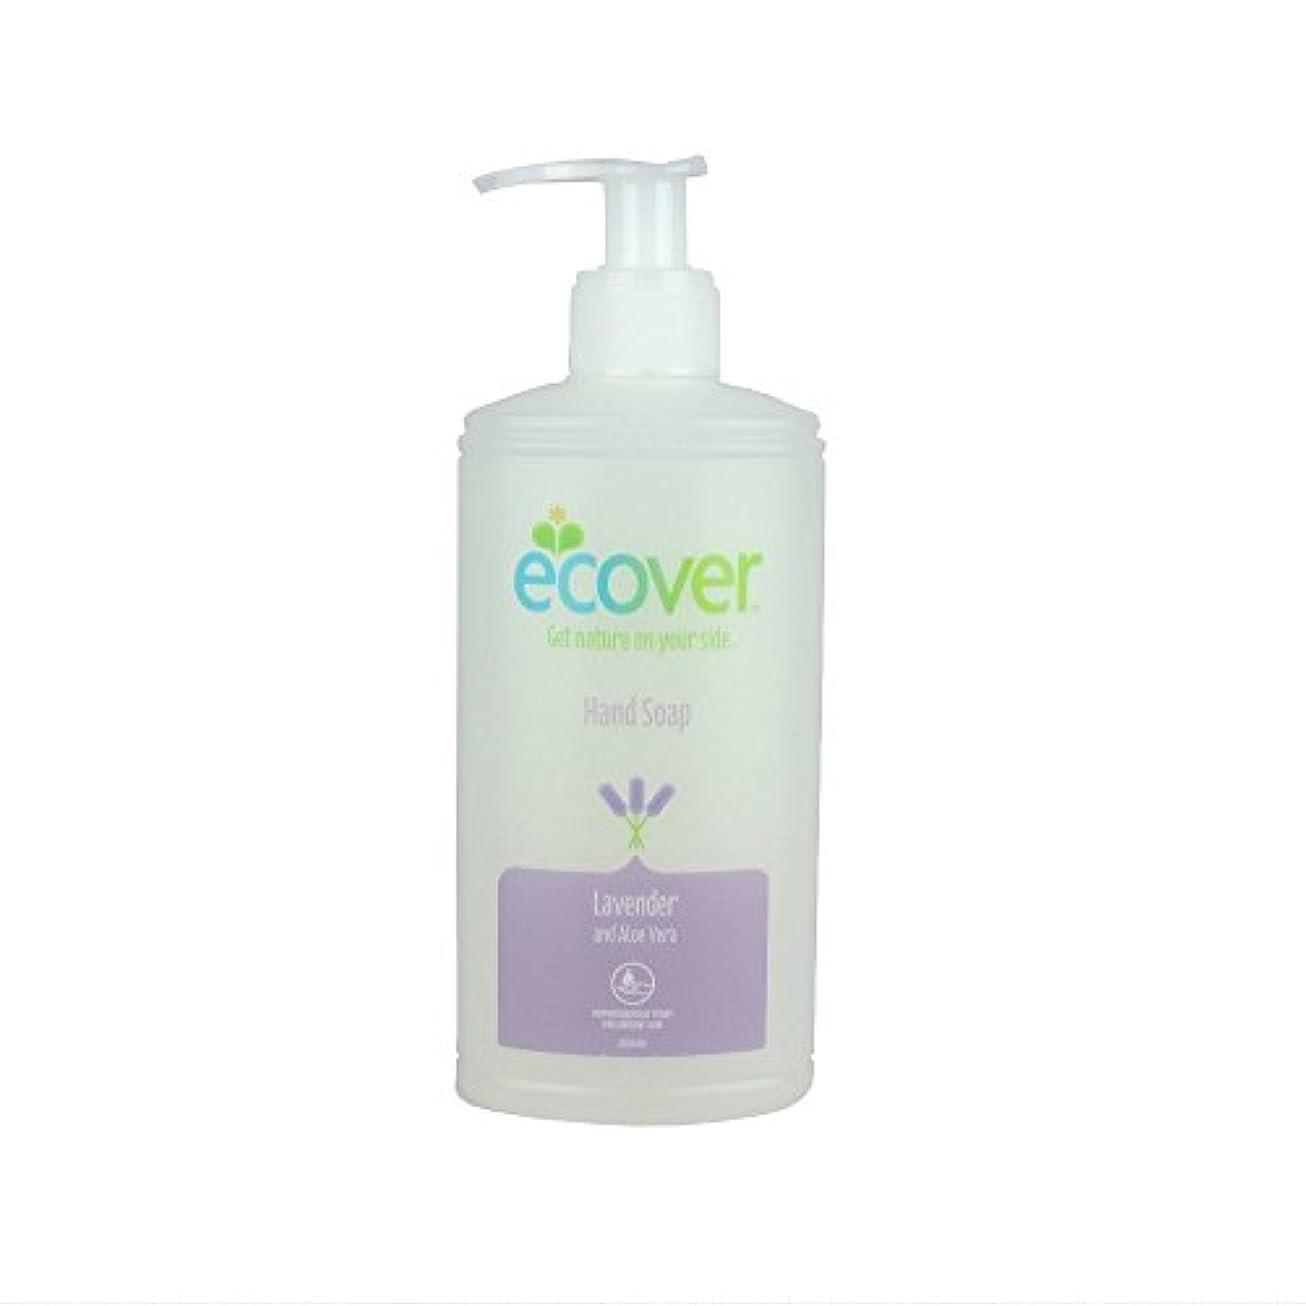 ムス妖精ぺディカブEcover Liquid Hand Soap Lavender & Aloe Vera (250ml) 液体ハンドソープラベンダーとアロエベラ( 250ミリリットル)をエコベール